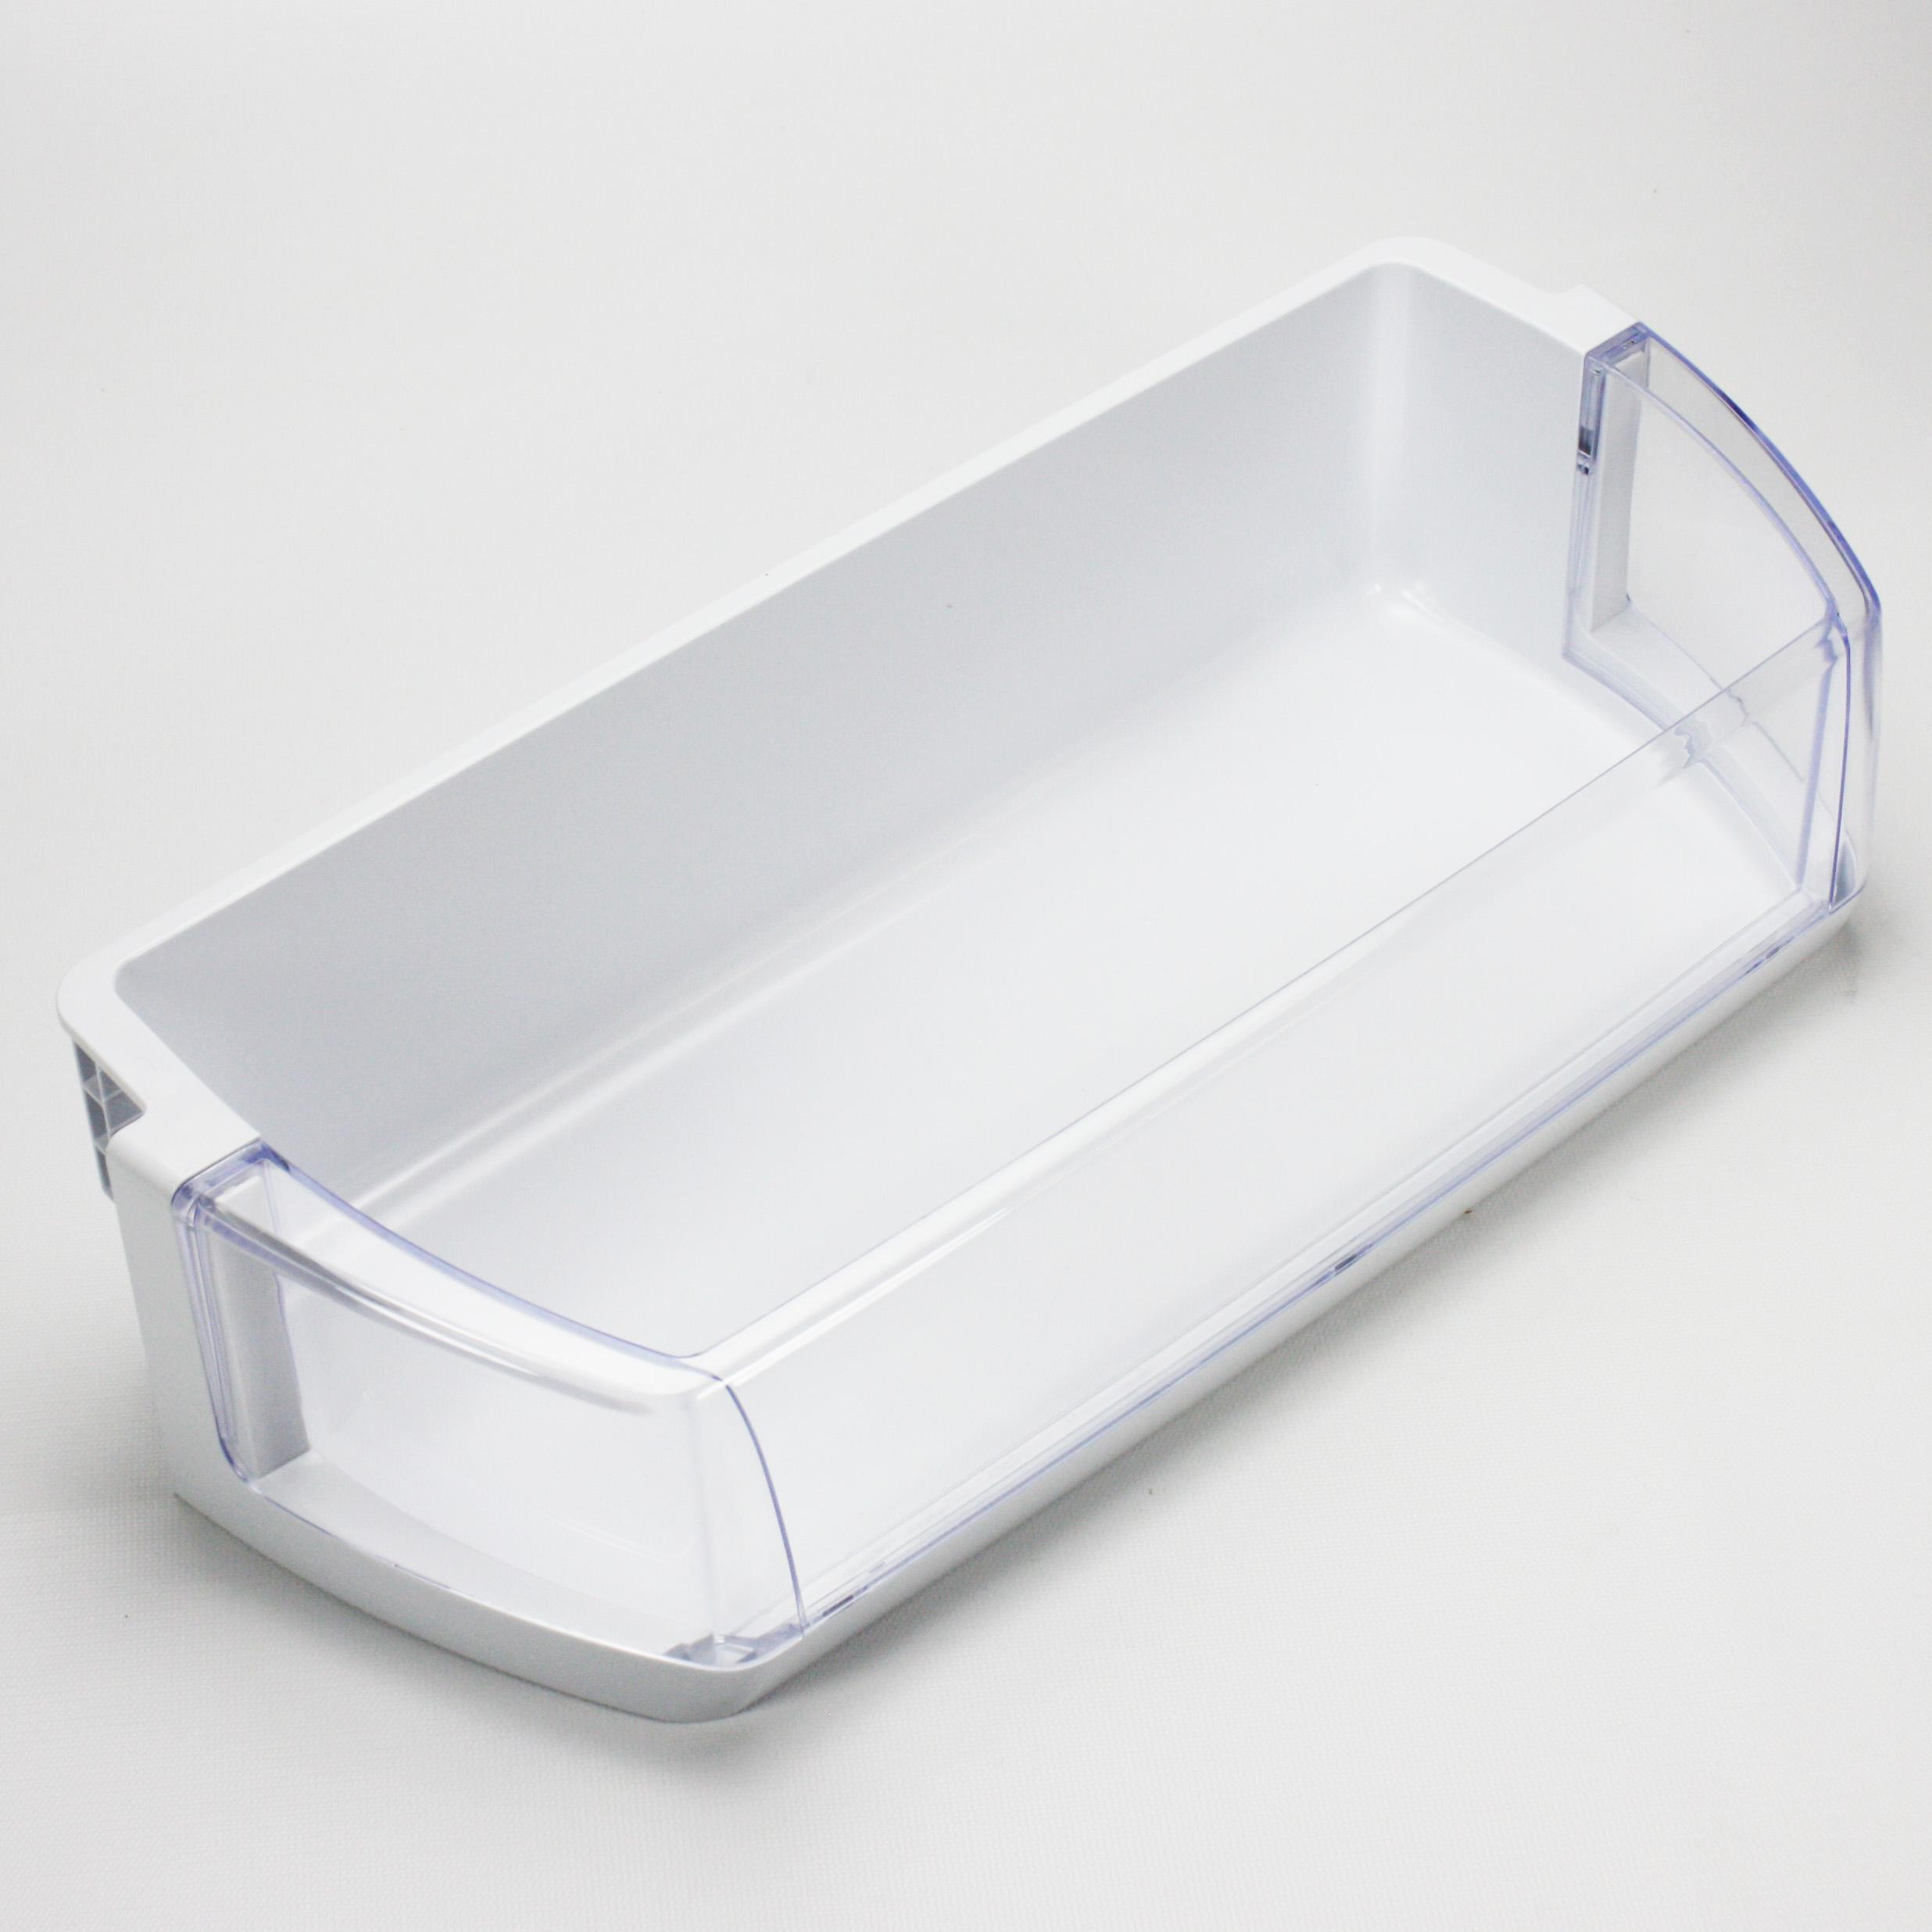 da97 03290a samsung refrigerator door shelf bin